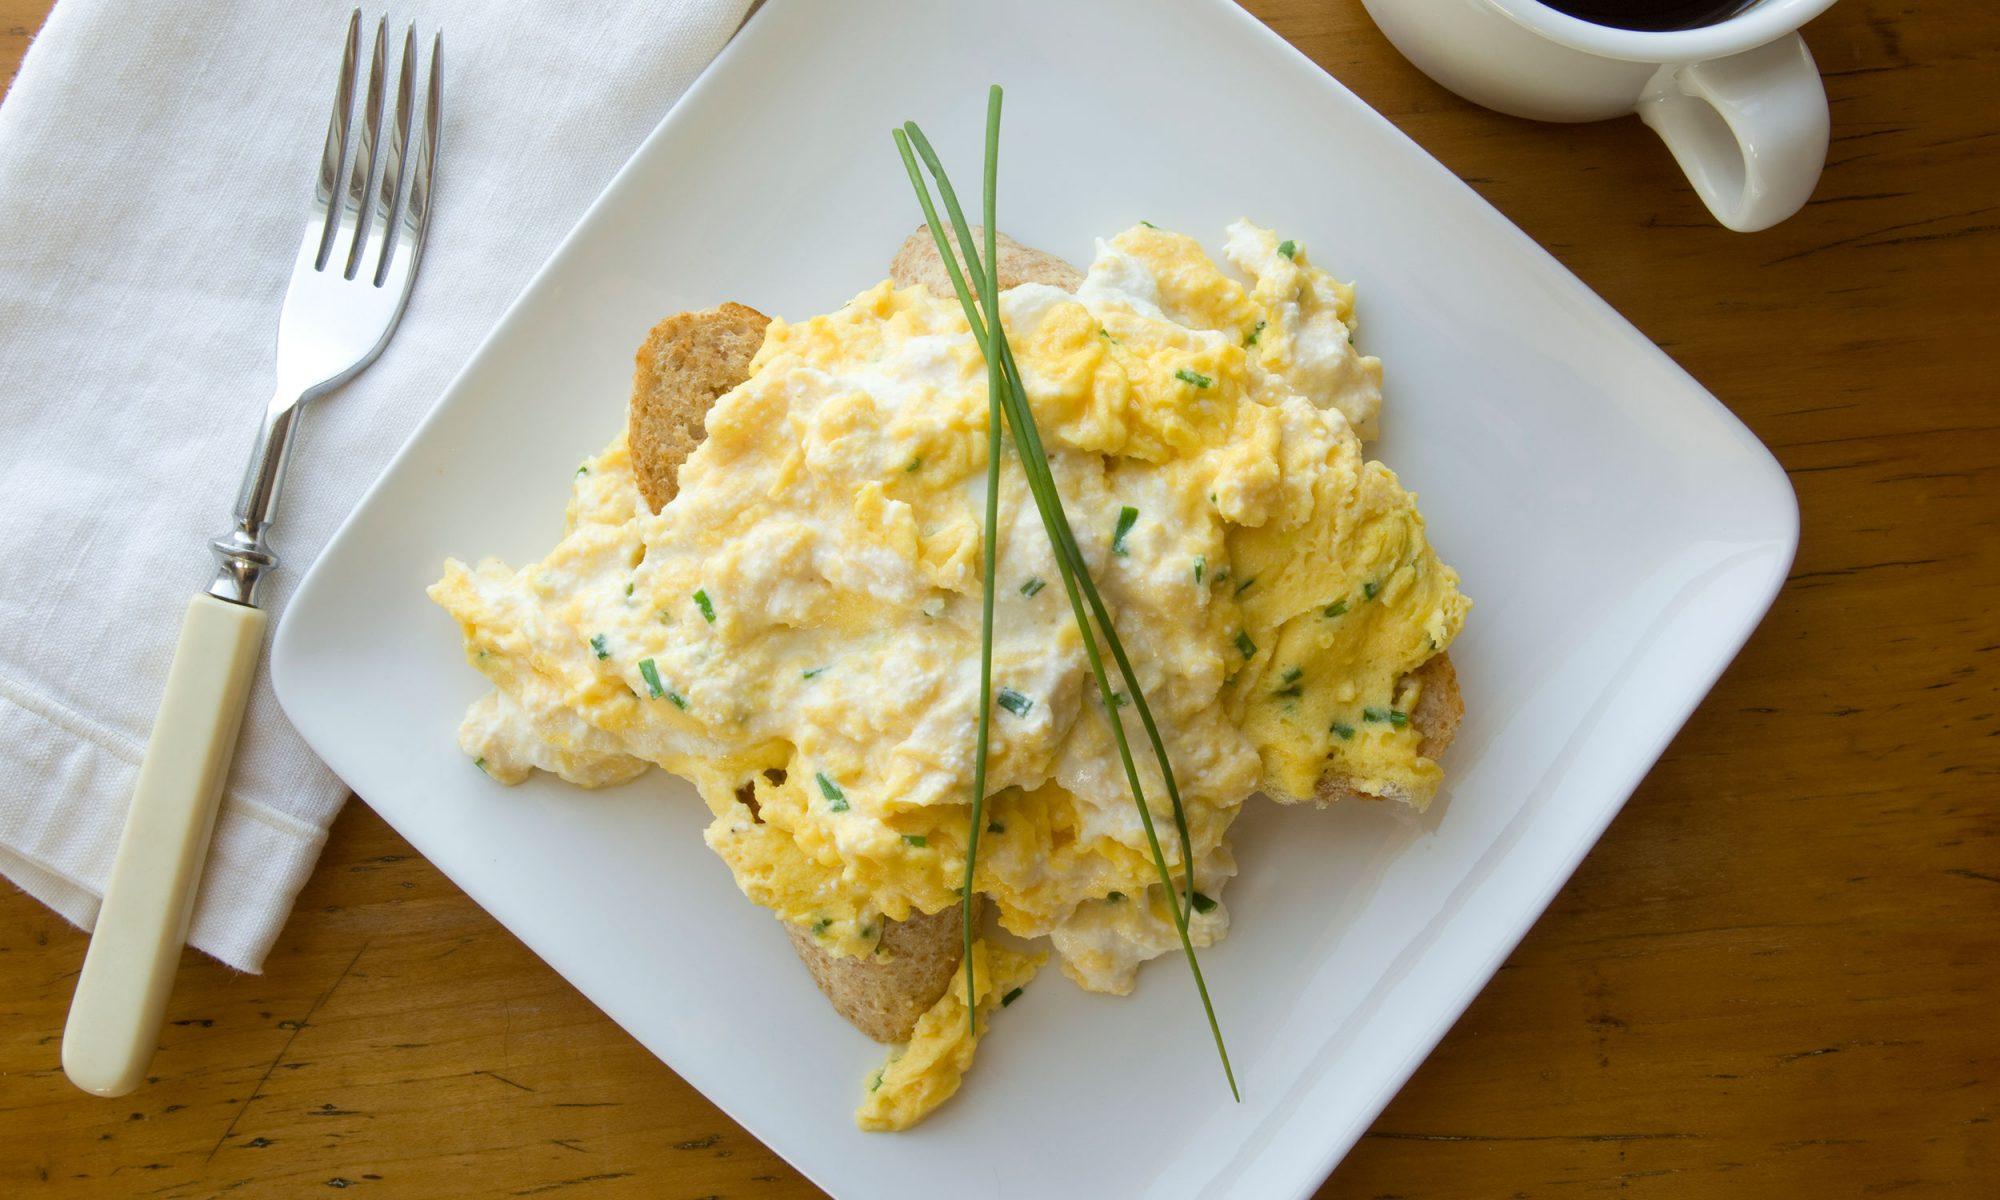 boiled scrambled eggs